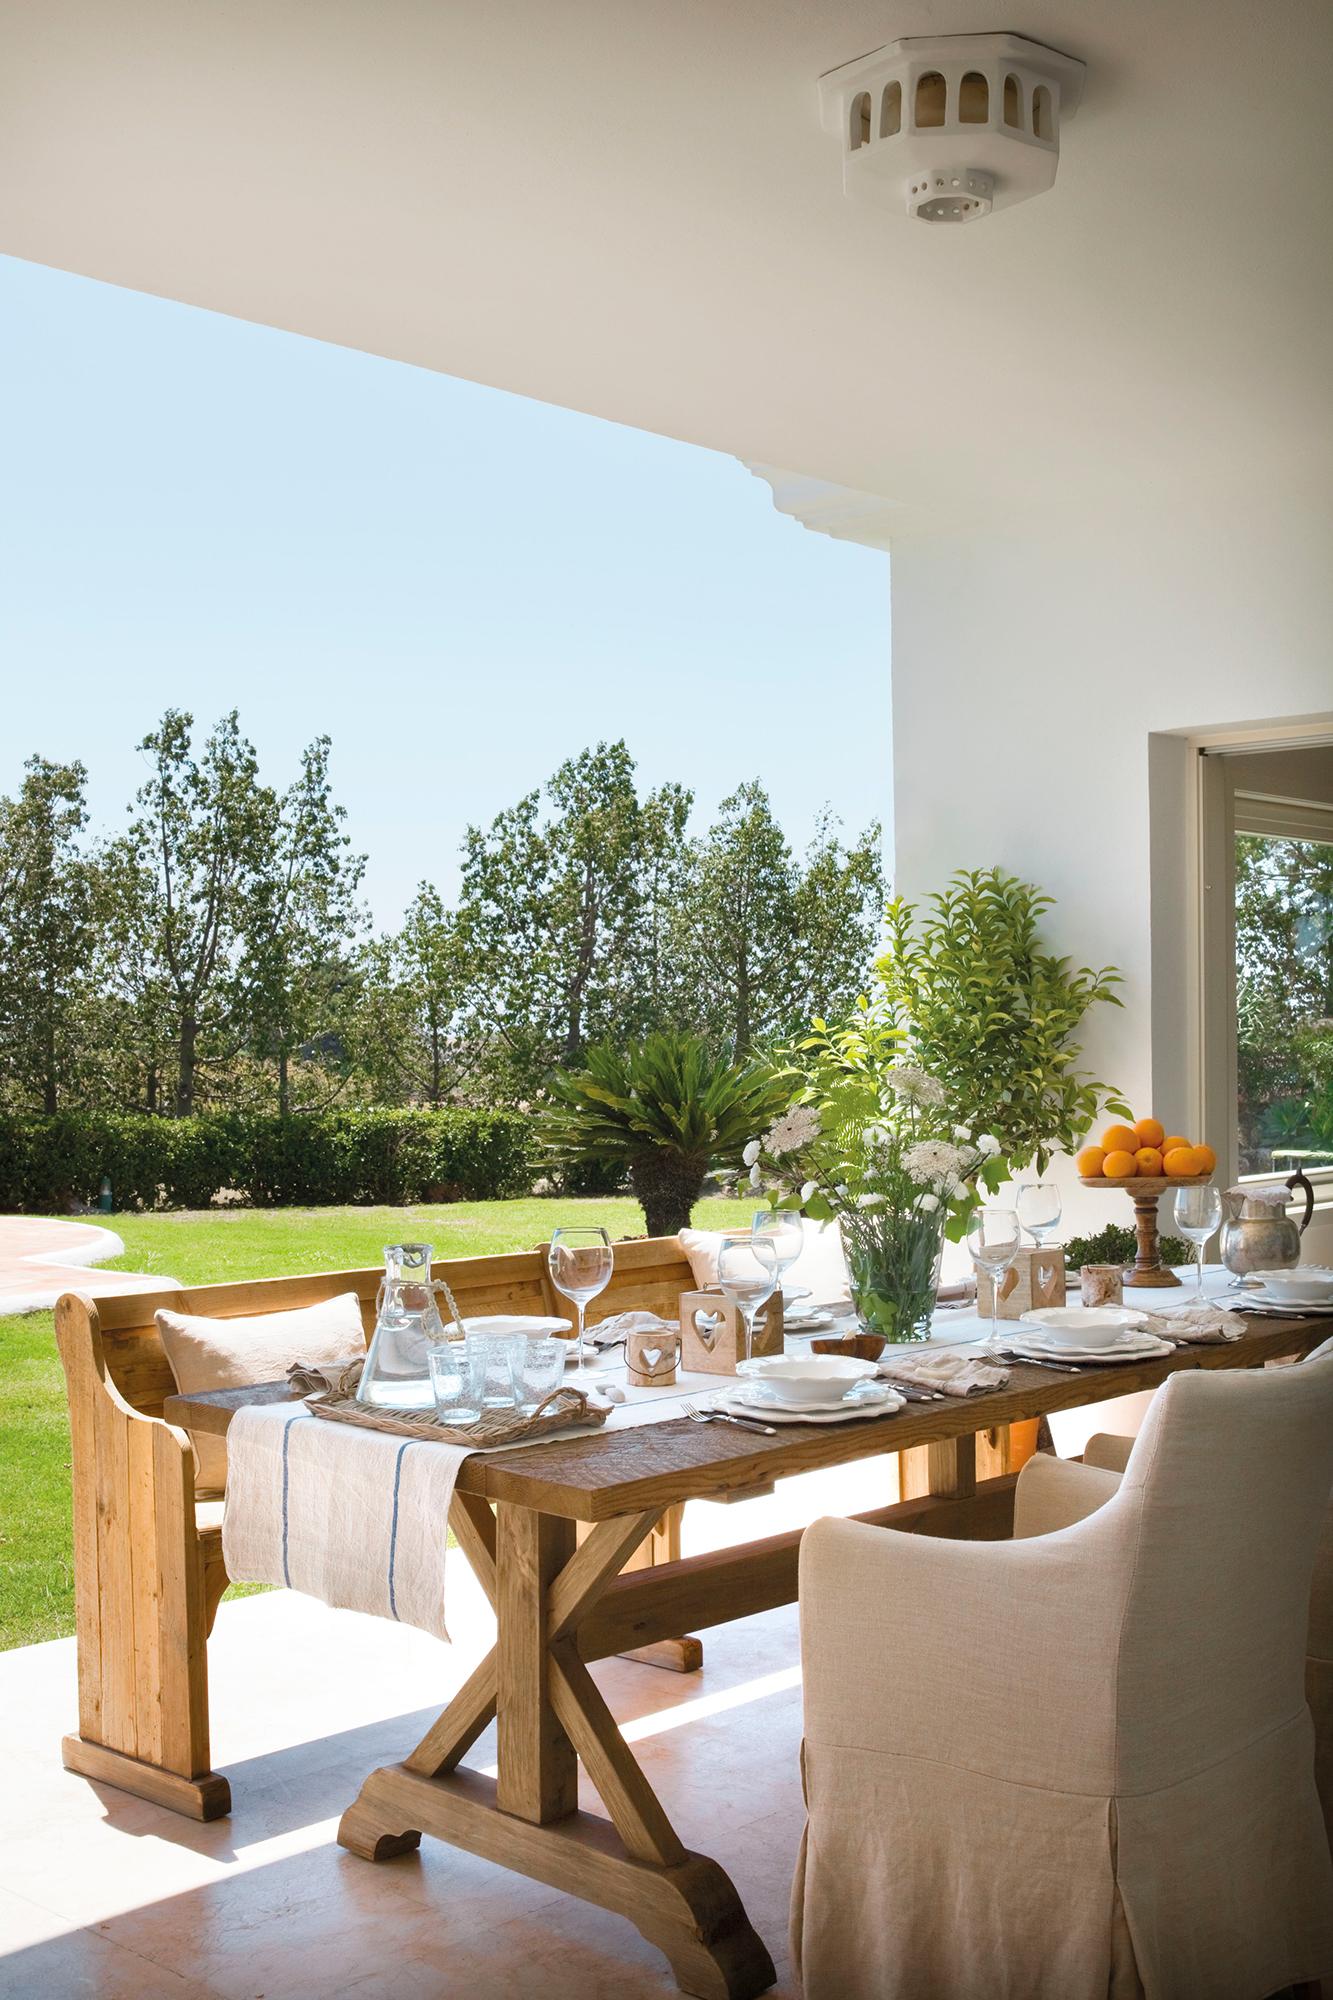 Comedores de exterior los 50 mejores de el mueble for Comedor para jardin